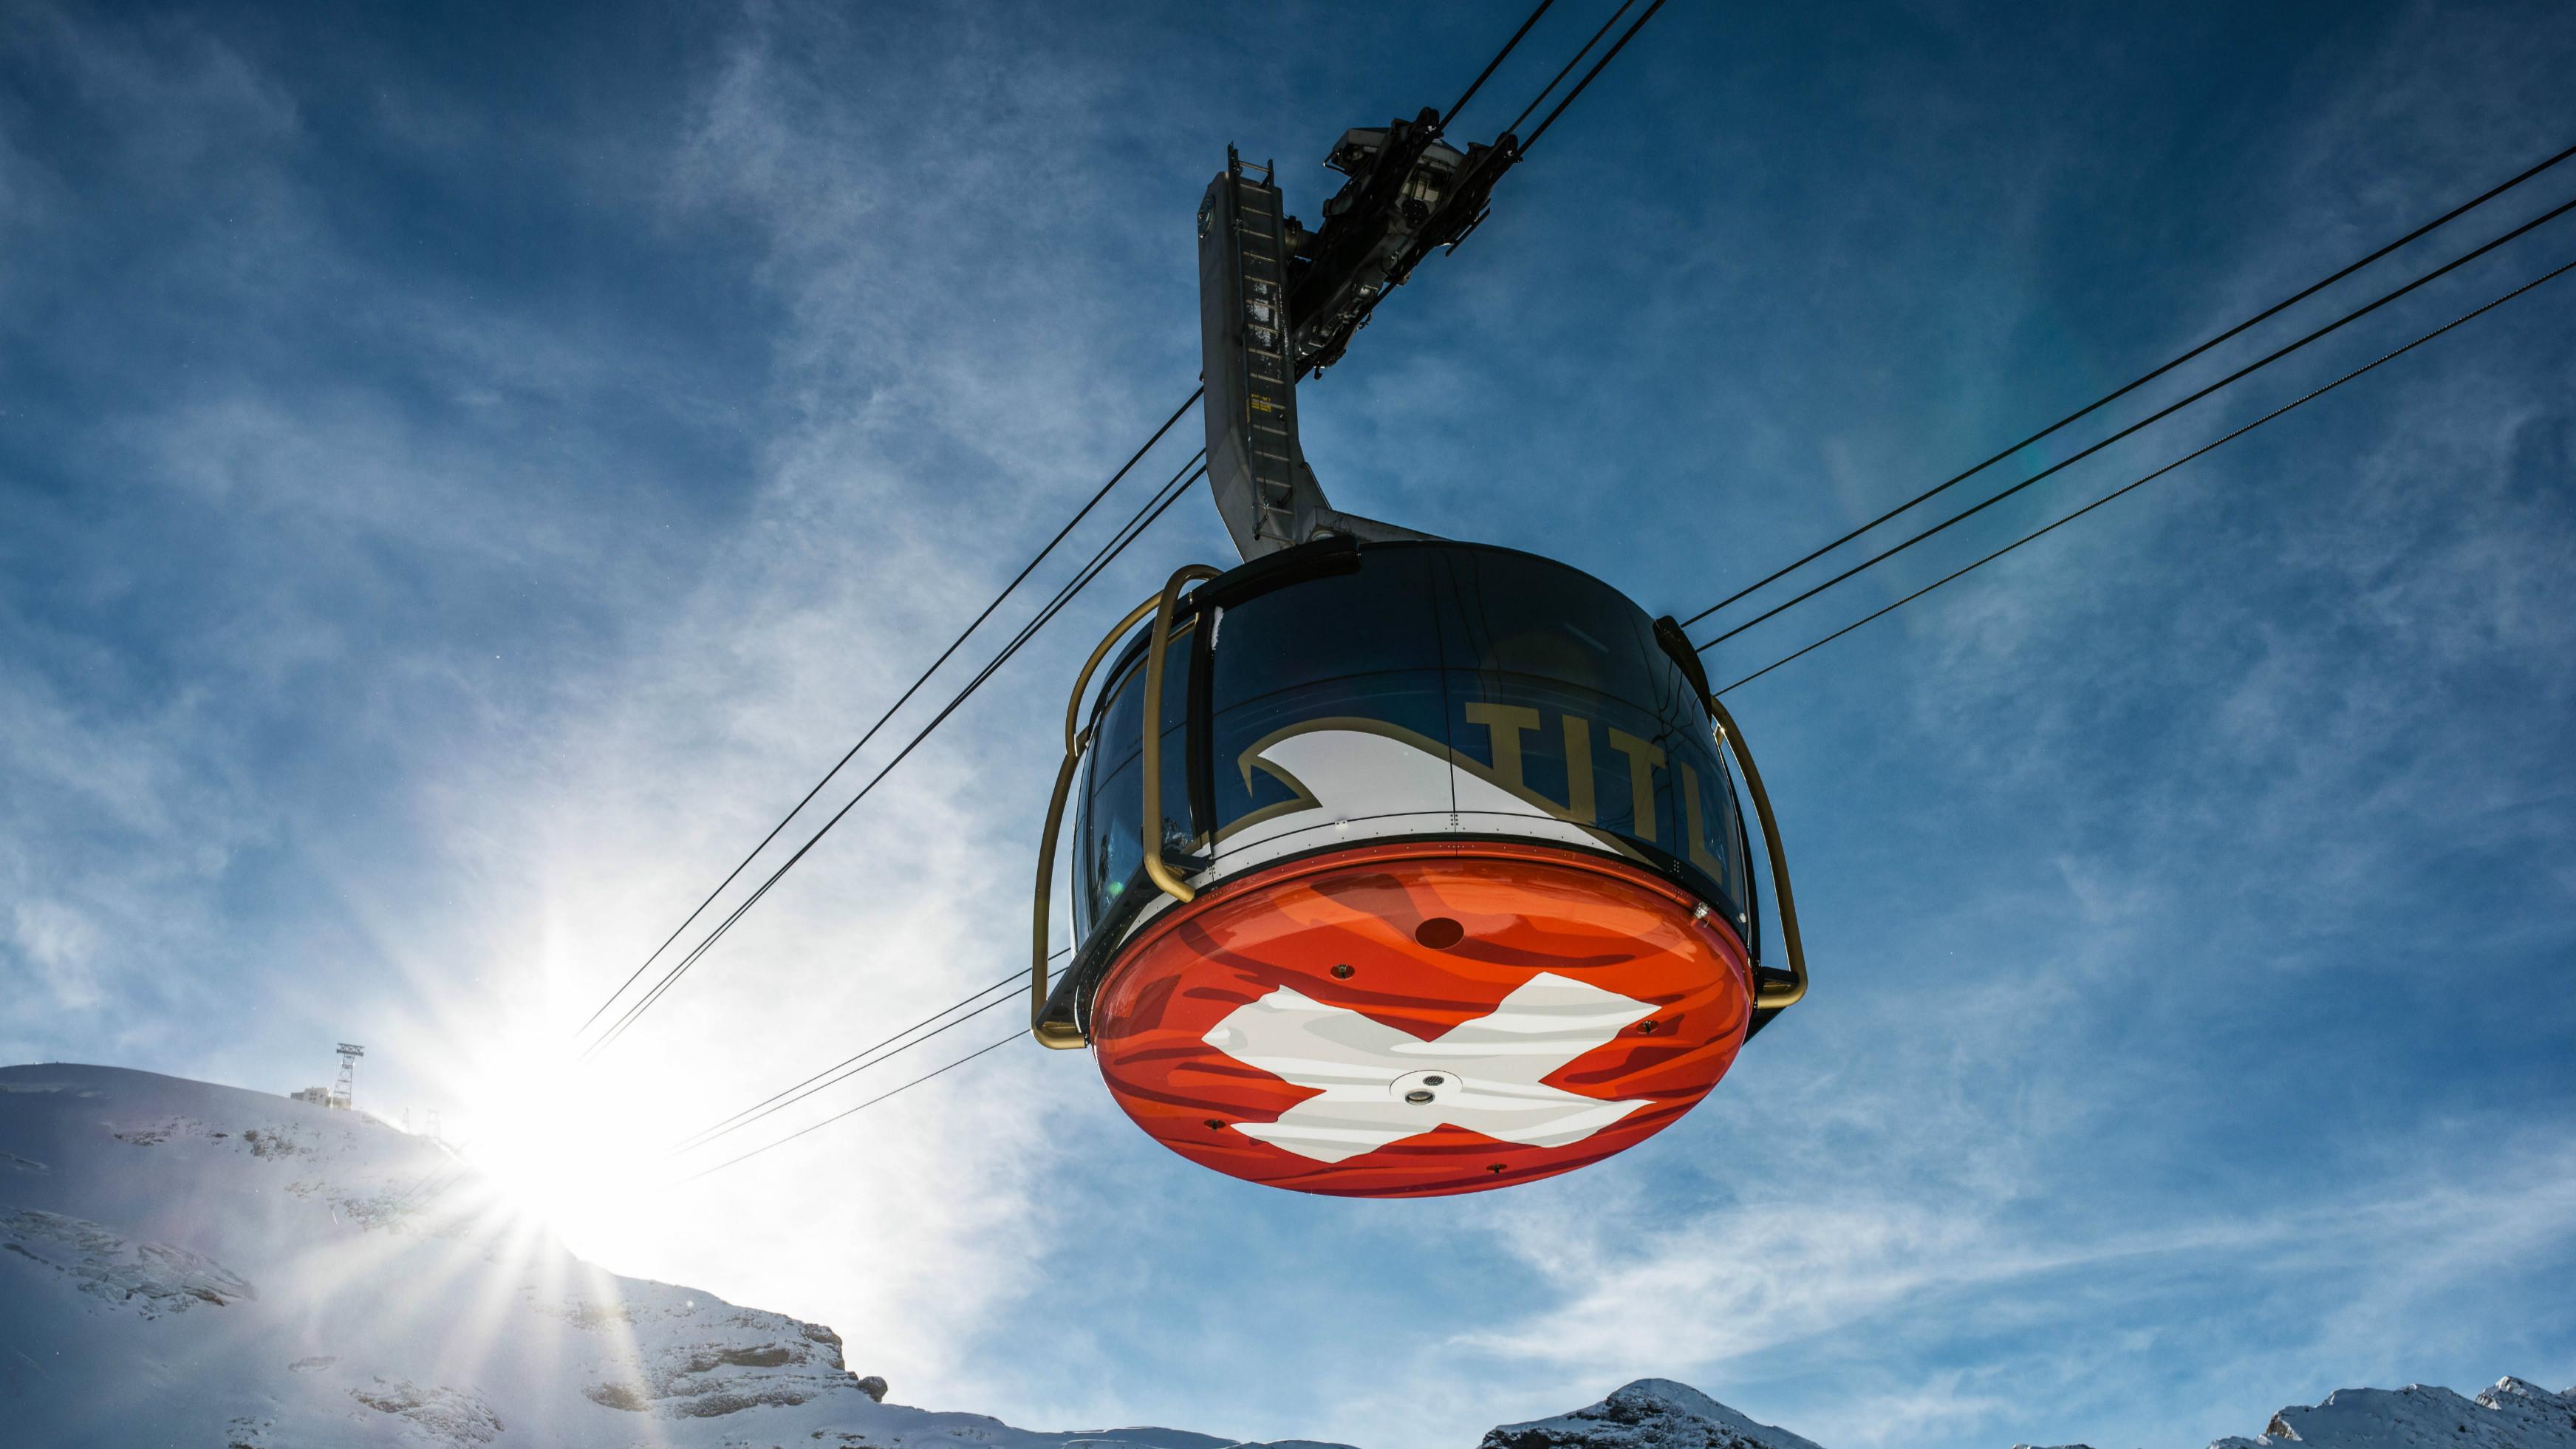 瑞士琉森鐵力士雪山 TITLIS 往返纜車含冰川飛渡吊椅吊橋电子票